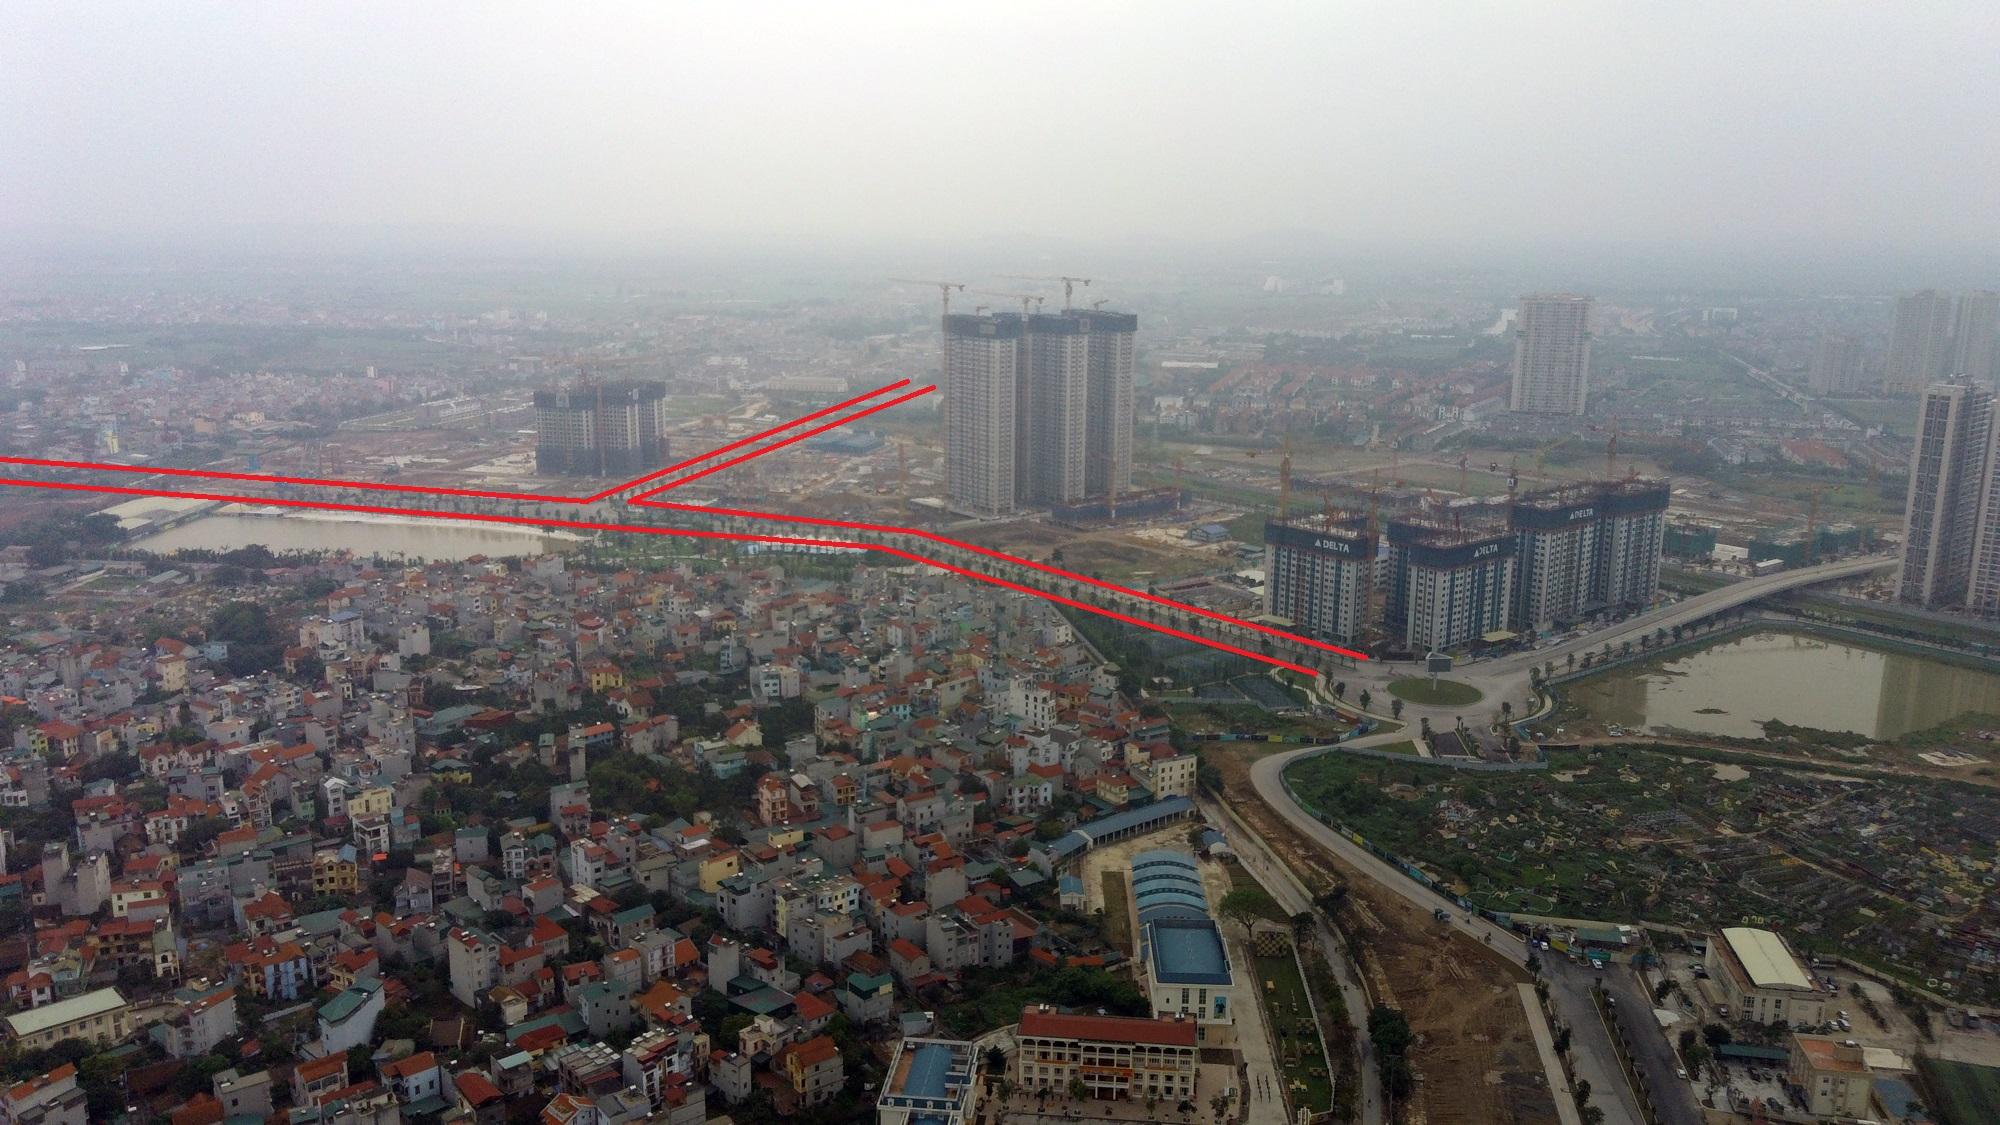 4 đường sẽ mở theo qui hoạch ở phường Tây Mỗ, Nam Từ Liêm, Hà Nội - Ảnh 15.